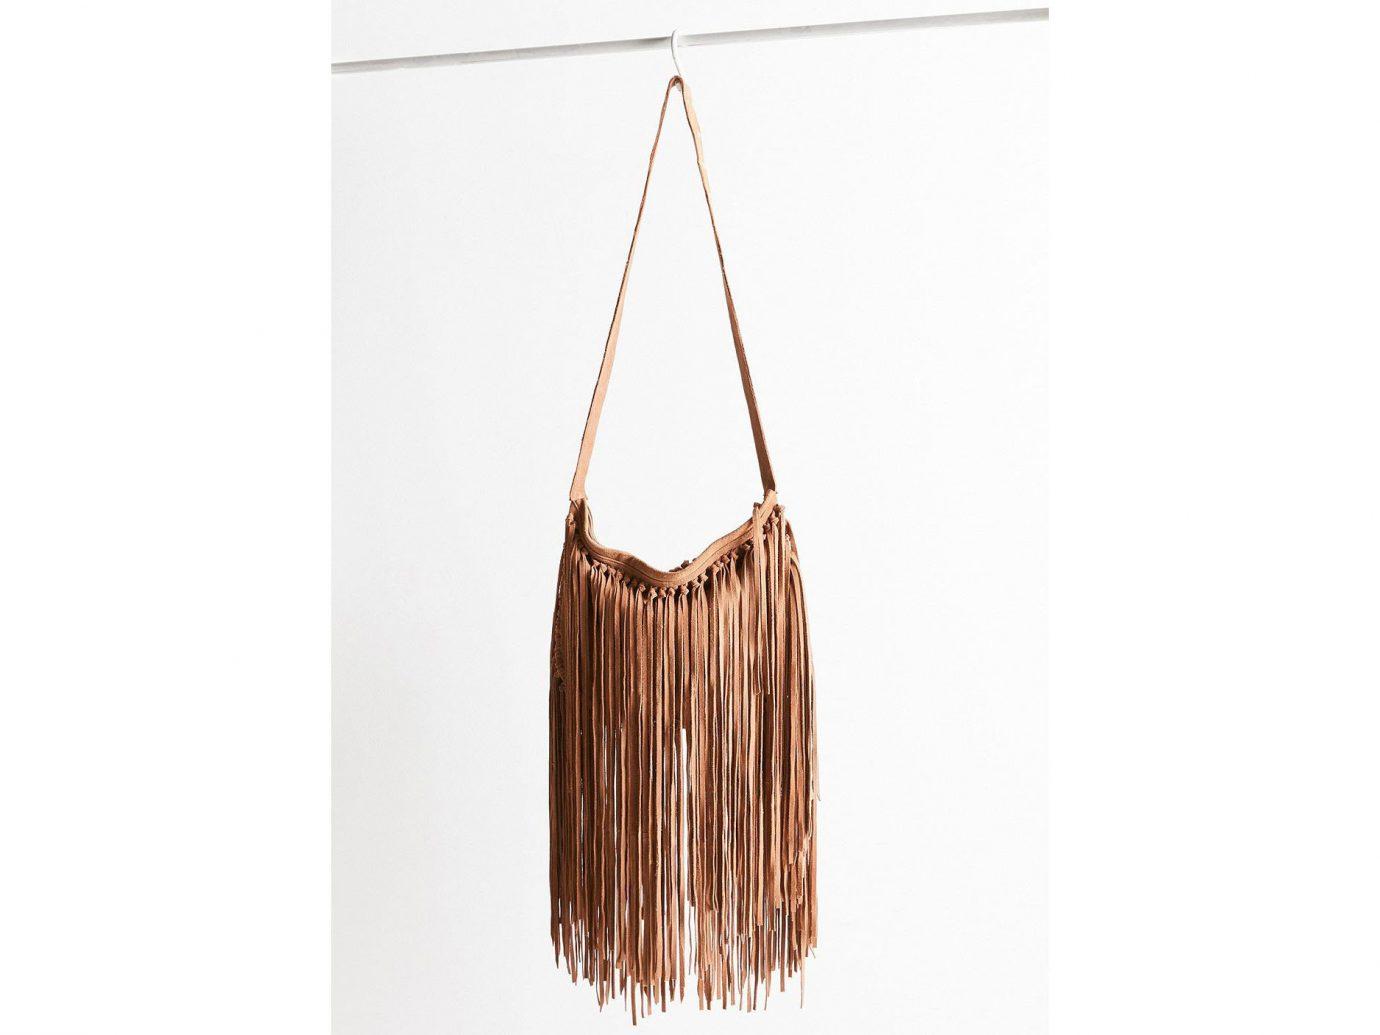 Travel Shop Travel Trends bag handbag shoulder bag brown product clothes hanger product design beige metal leather